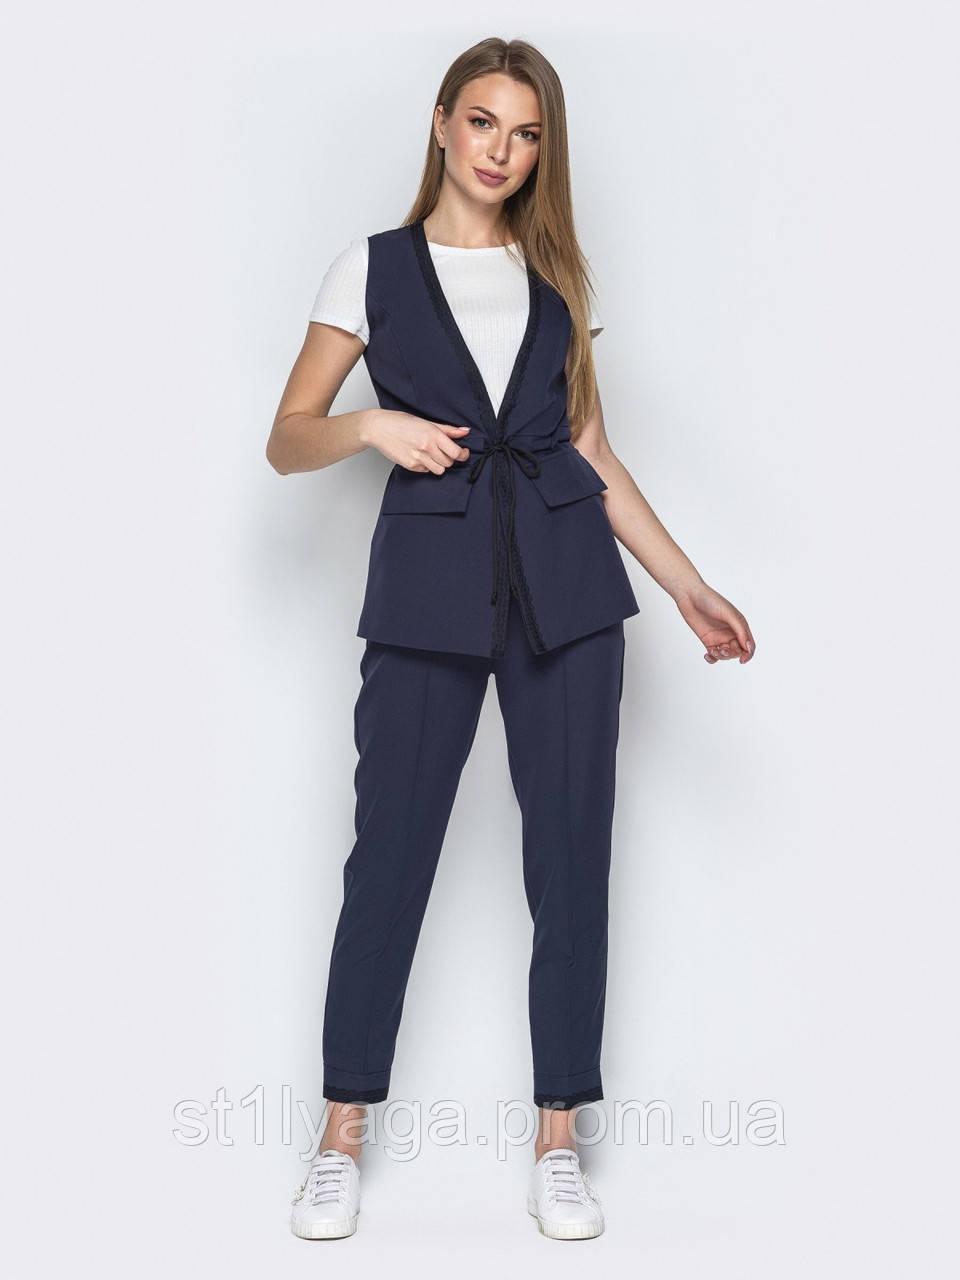 Комфортный комплект-двойка жилет + зауженные брюки